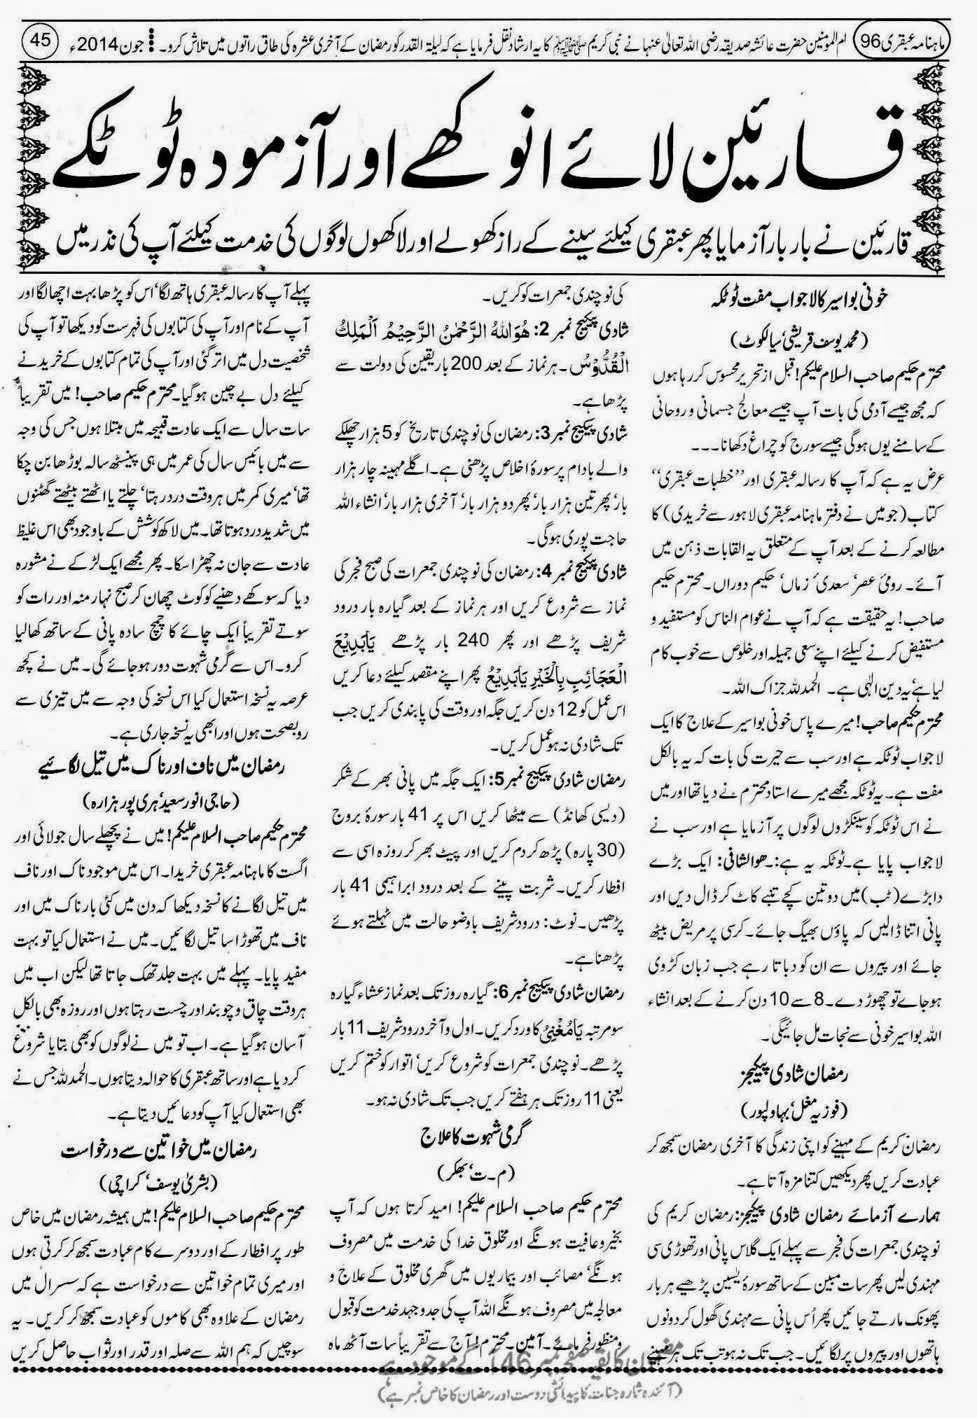 ubqari june 2014 page 45